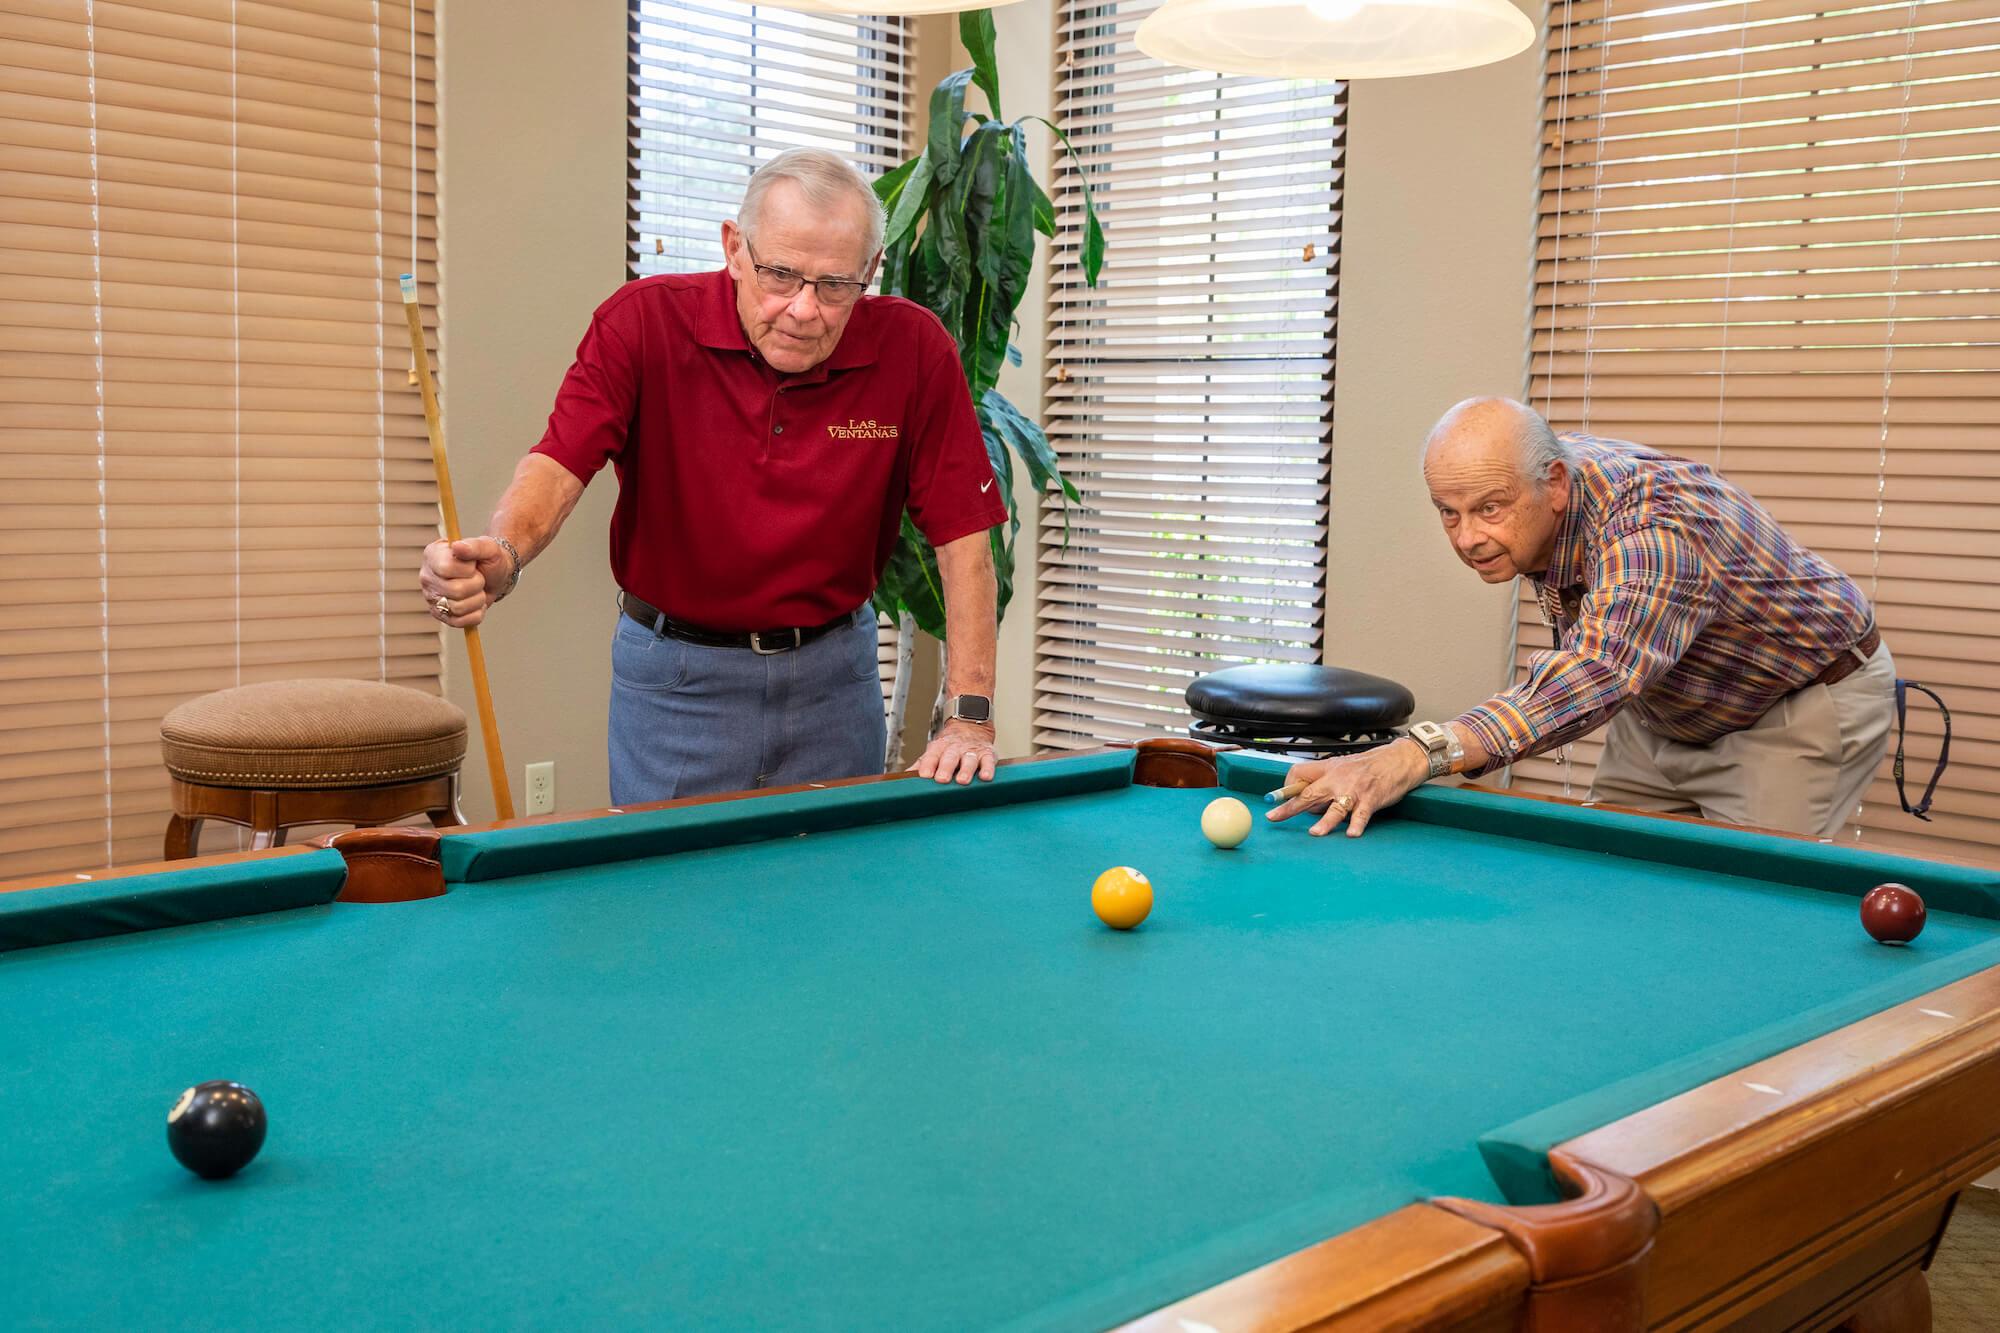 9 - playing pool